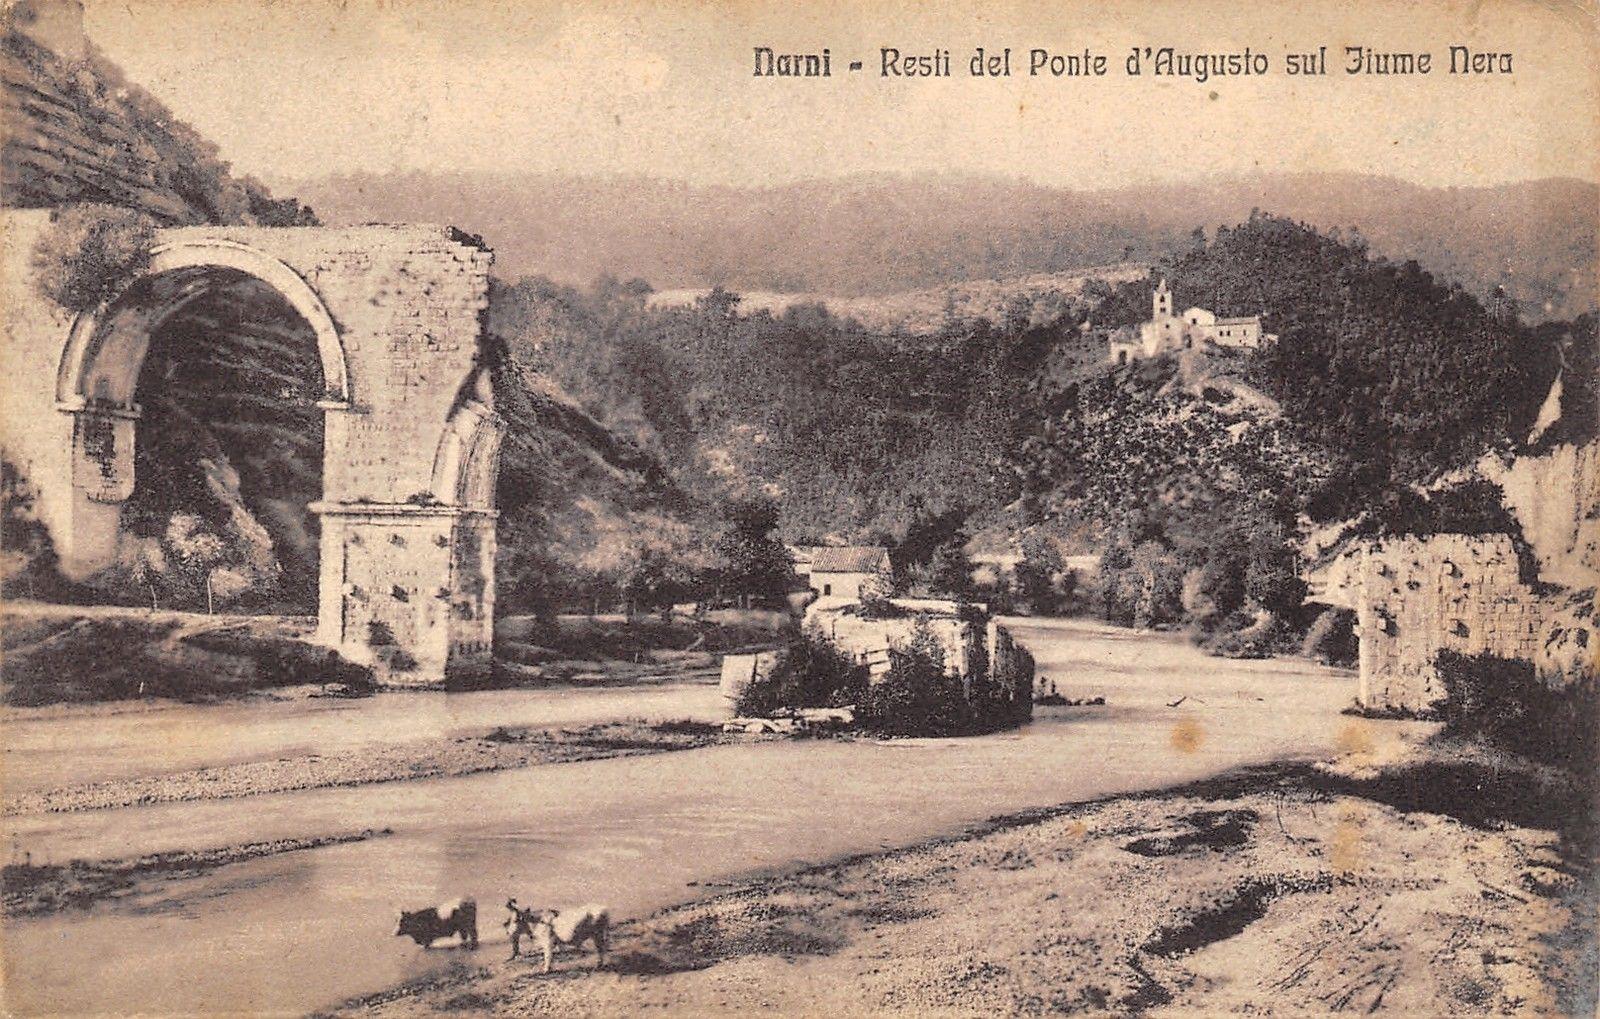 1918 ca Narni Collection Patumi Simone, Cassa di Risparmio di Narni e Terni